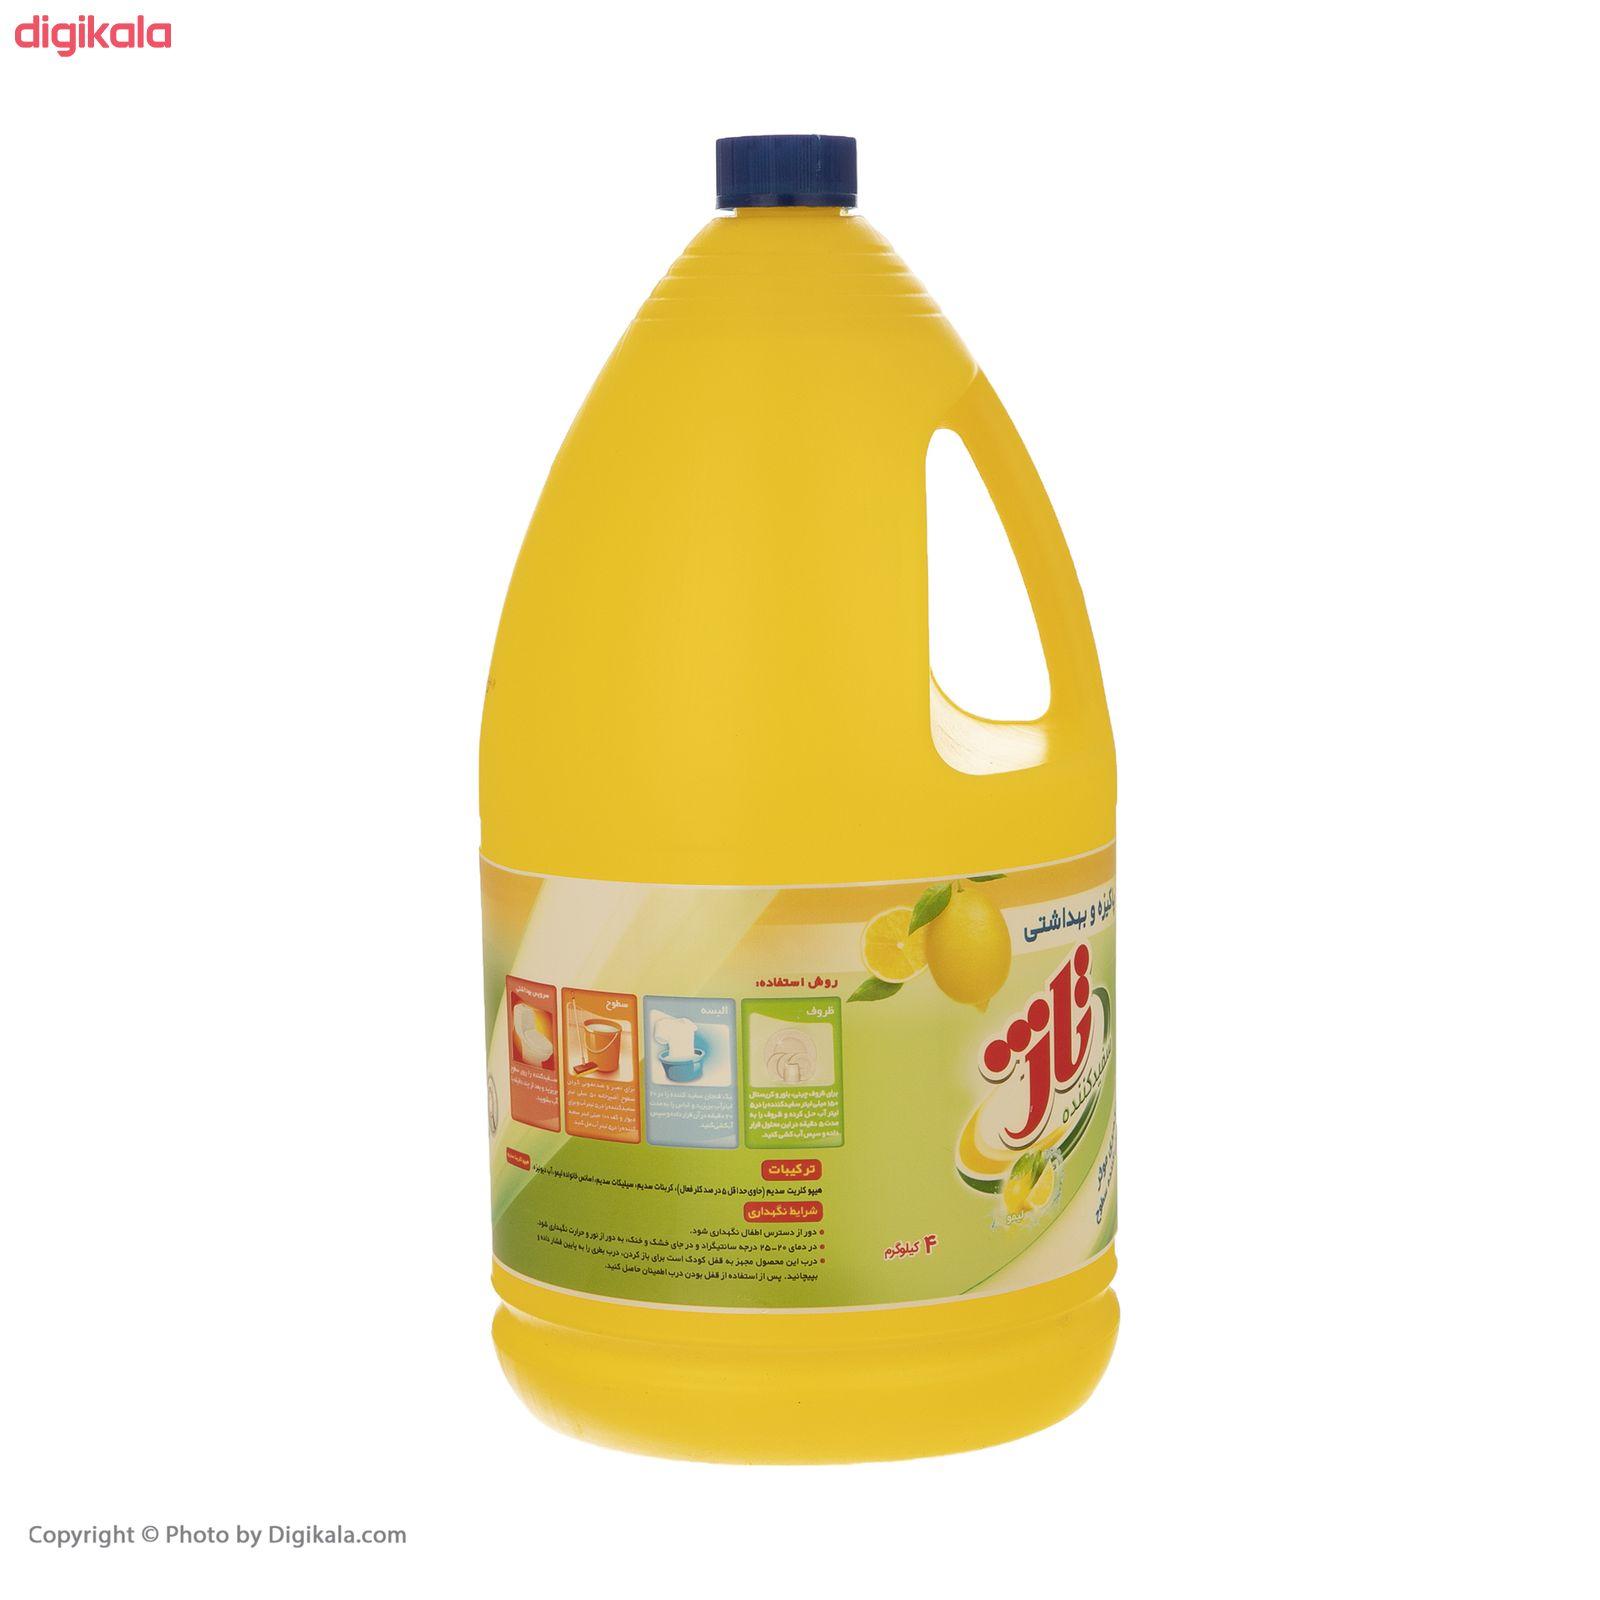 مایع سفید کننده تاژ با رایحه لیمو مقدار 4000 گرم main 1 3